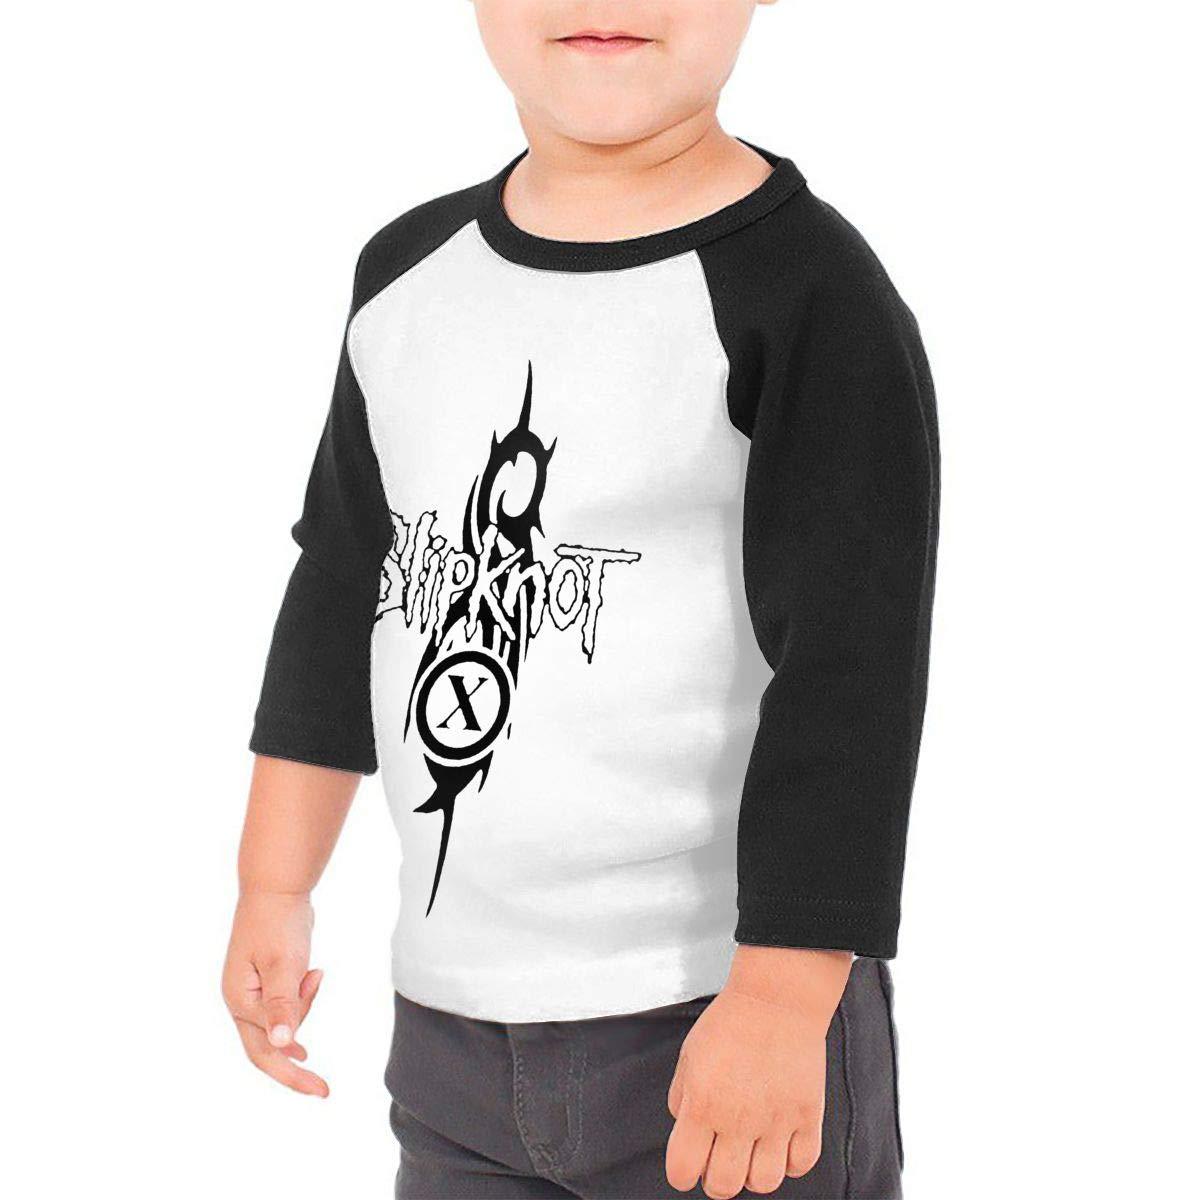 Black6Red Slipknot Childrens 3//4 Sleeve T-Shirt